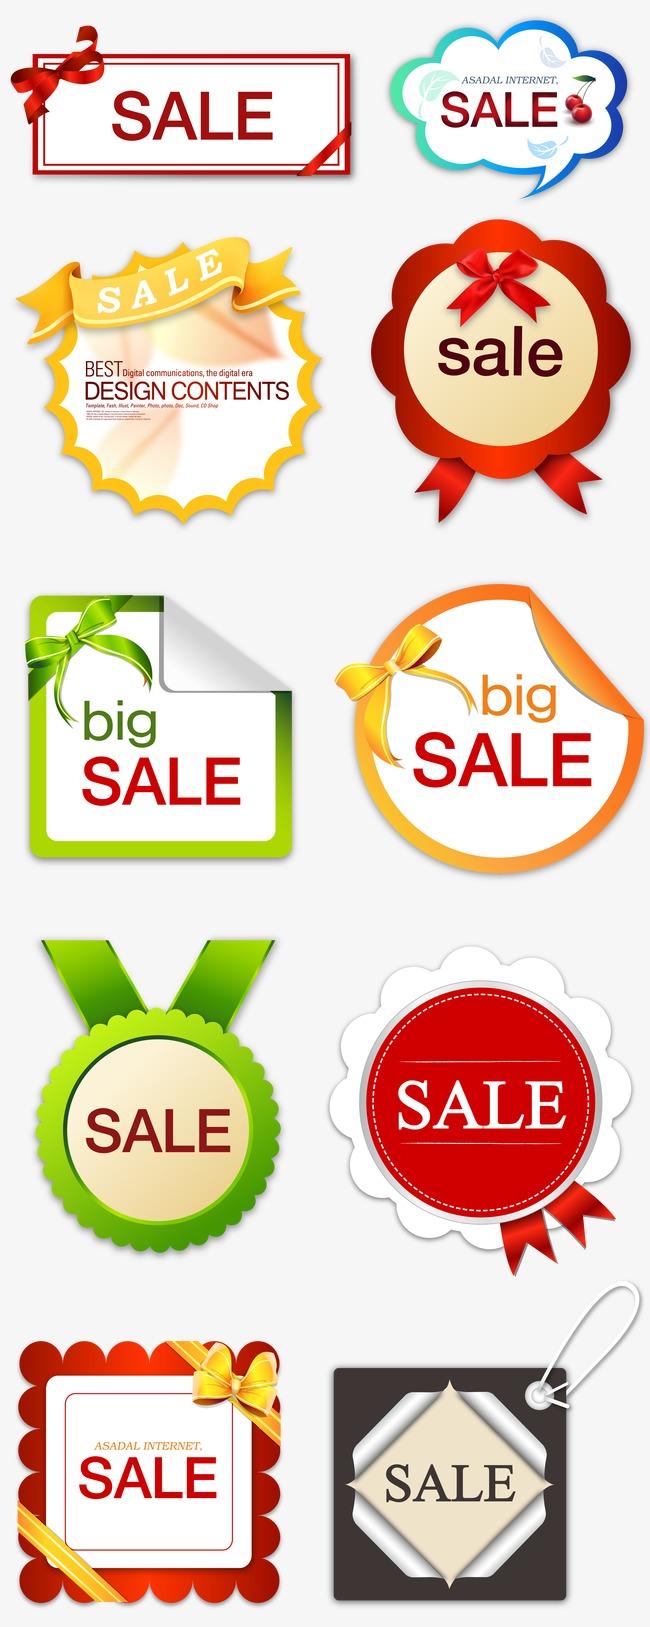 淘宝颜色标签淘宝标签 创意淘宝促销sale标签素材图片免费下载_高清